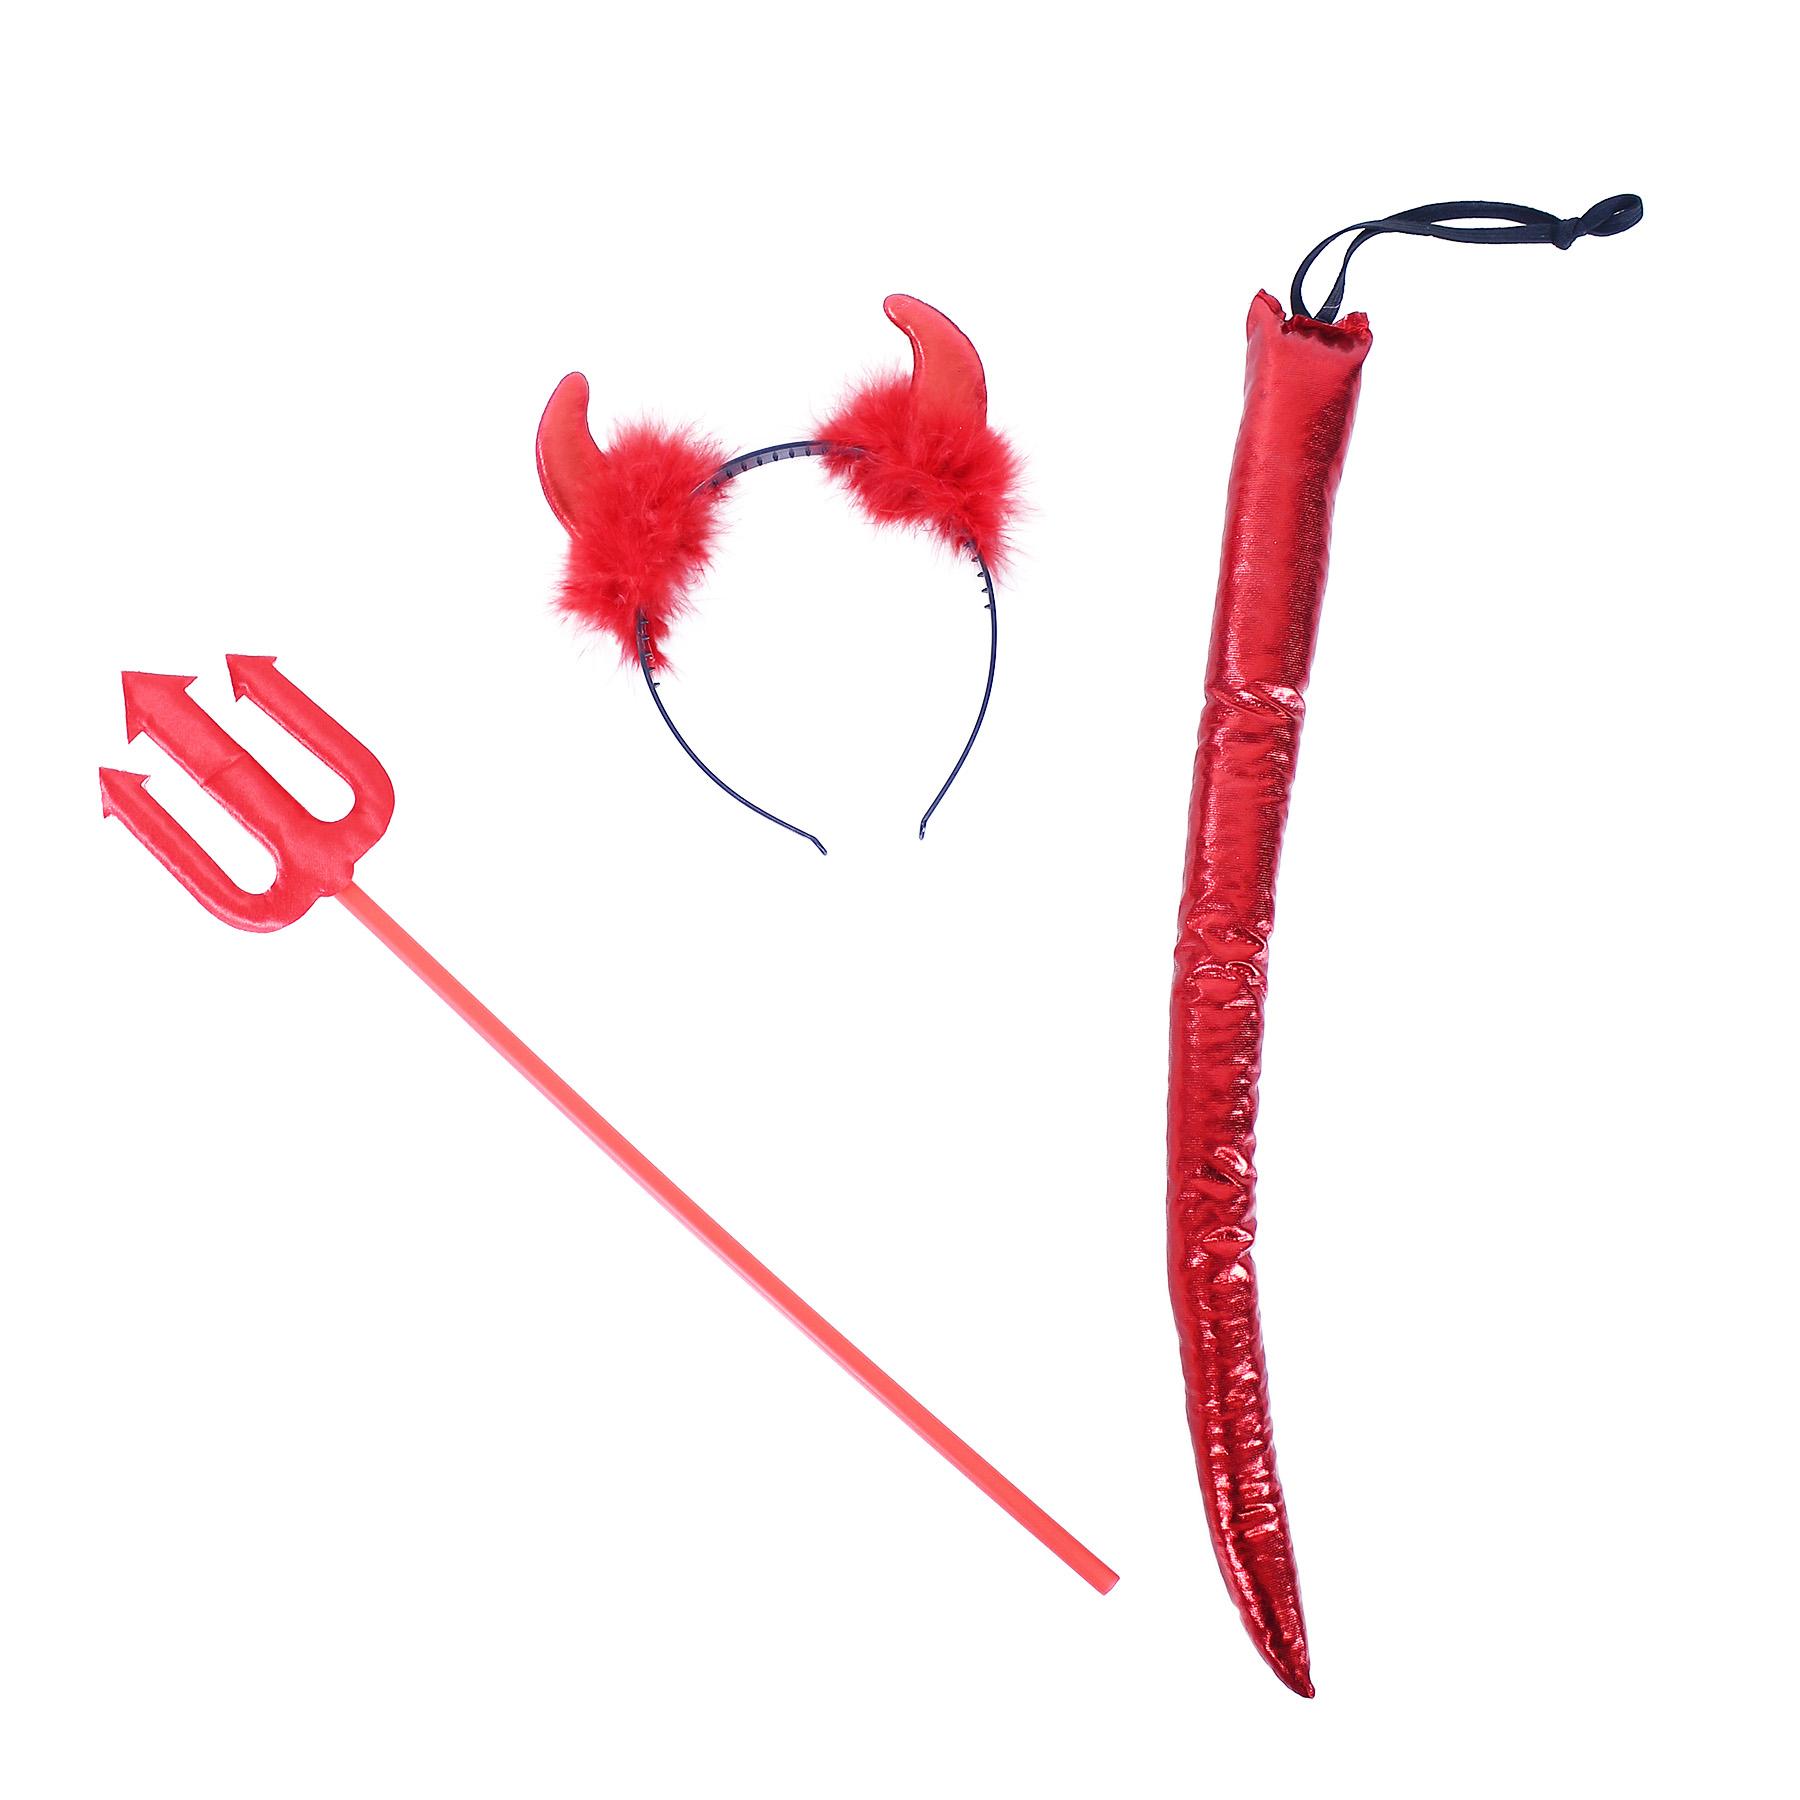 Čertovská sada s čelenkou hůlkou a ocasem